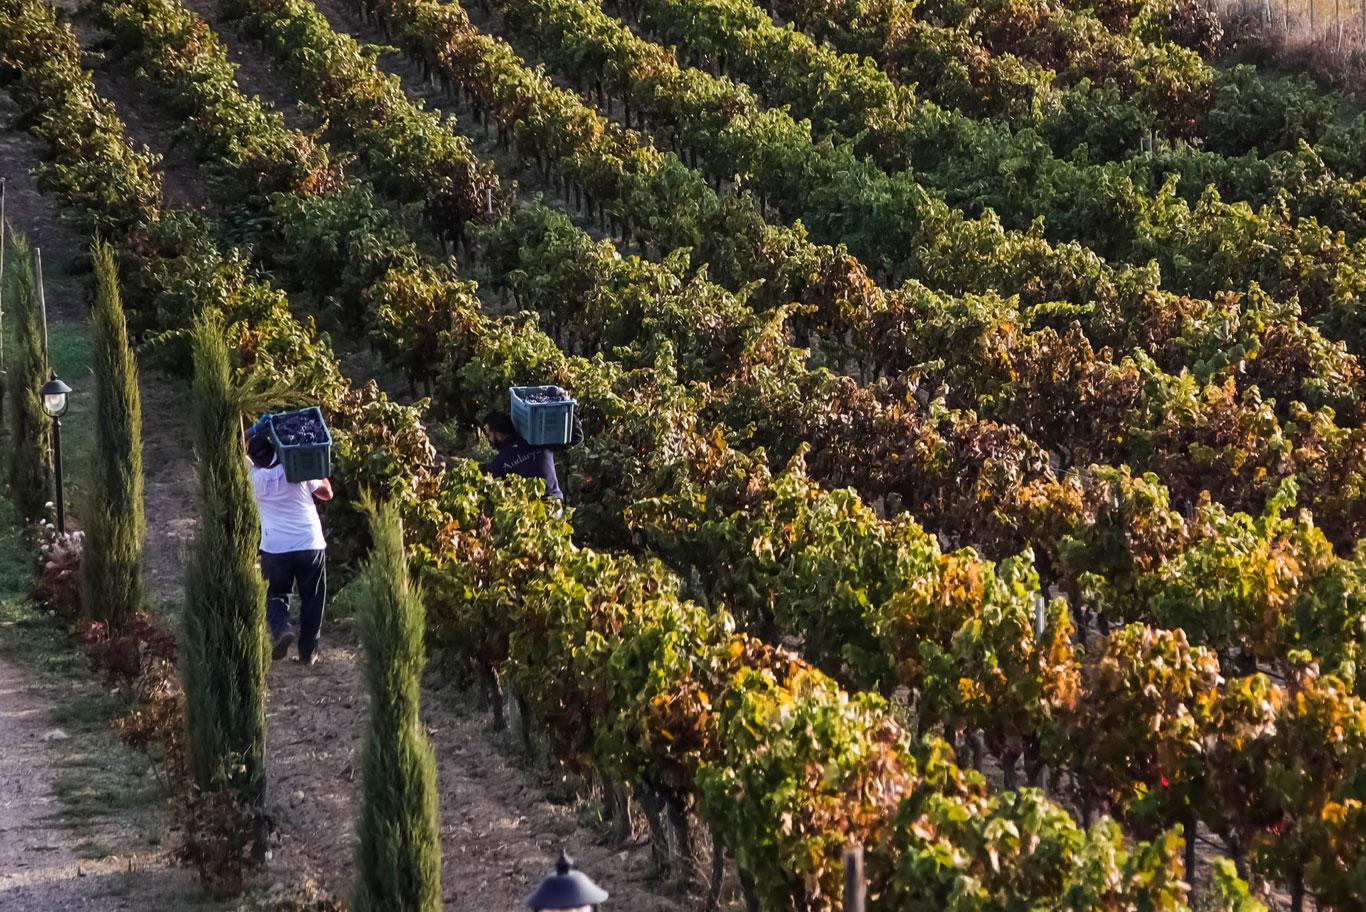 vendemmia tenute vigne audarya uva vigneti